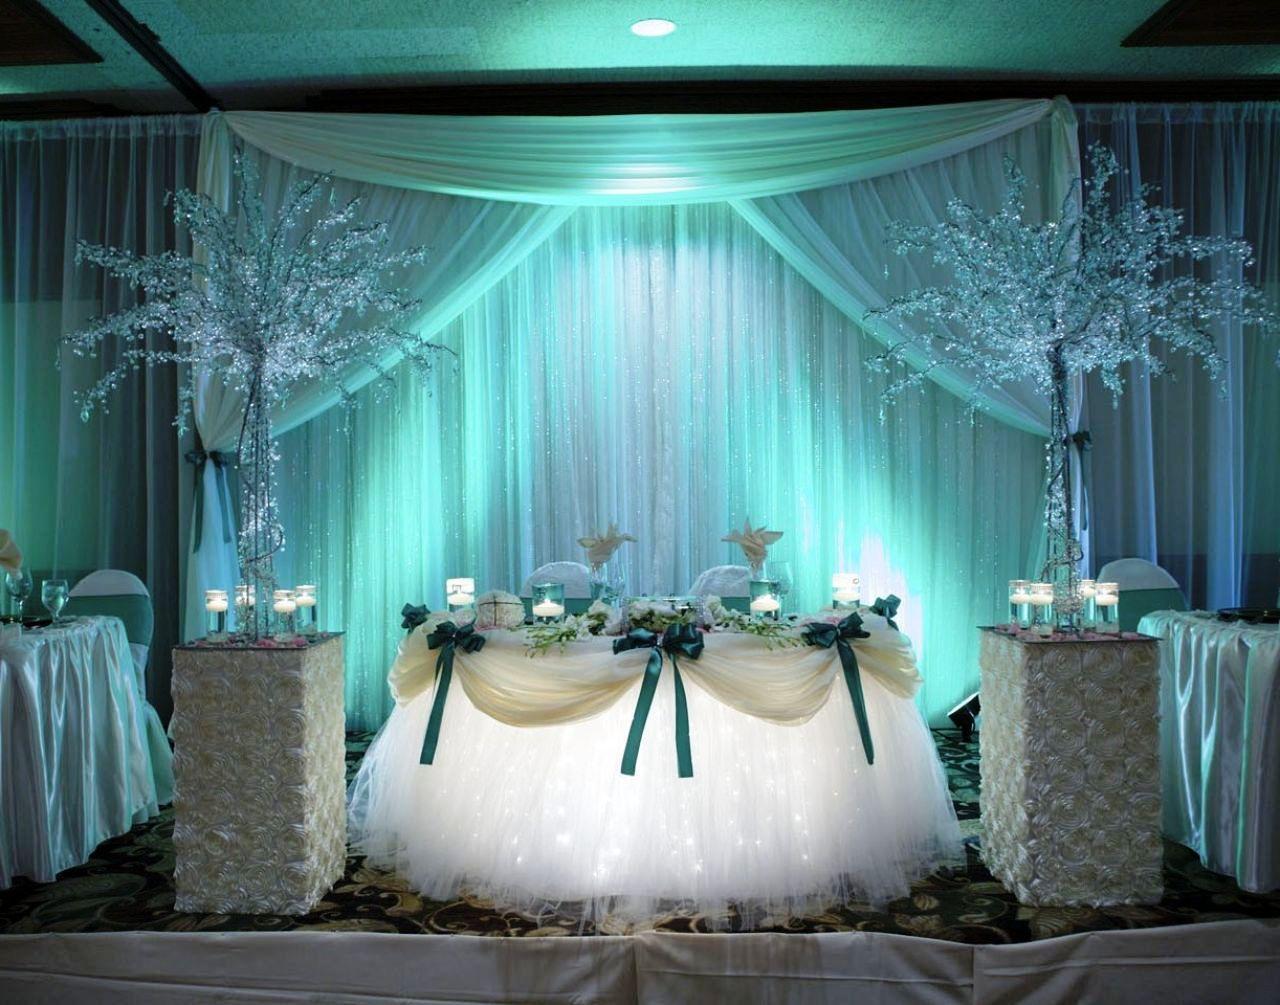 25 Teal Wedding Decorations Ideas Wohh Wedding Wedding Table Ideas Blue Head Table Wedding Head Table Decor